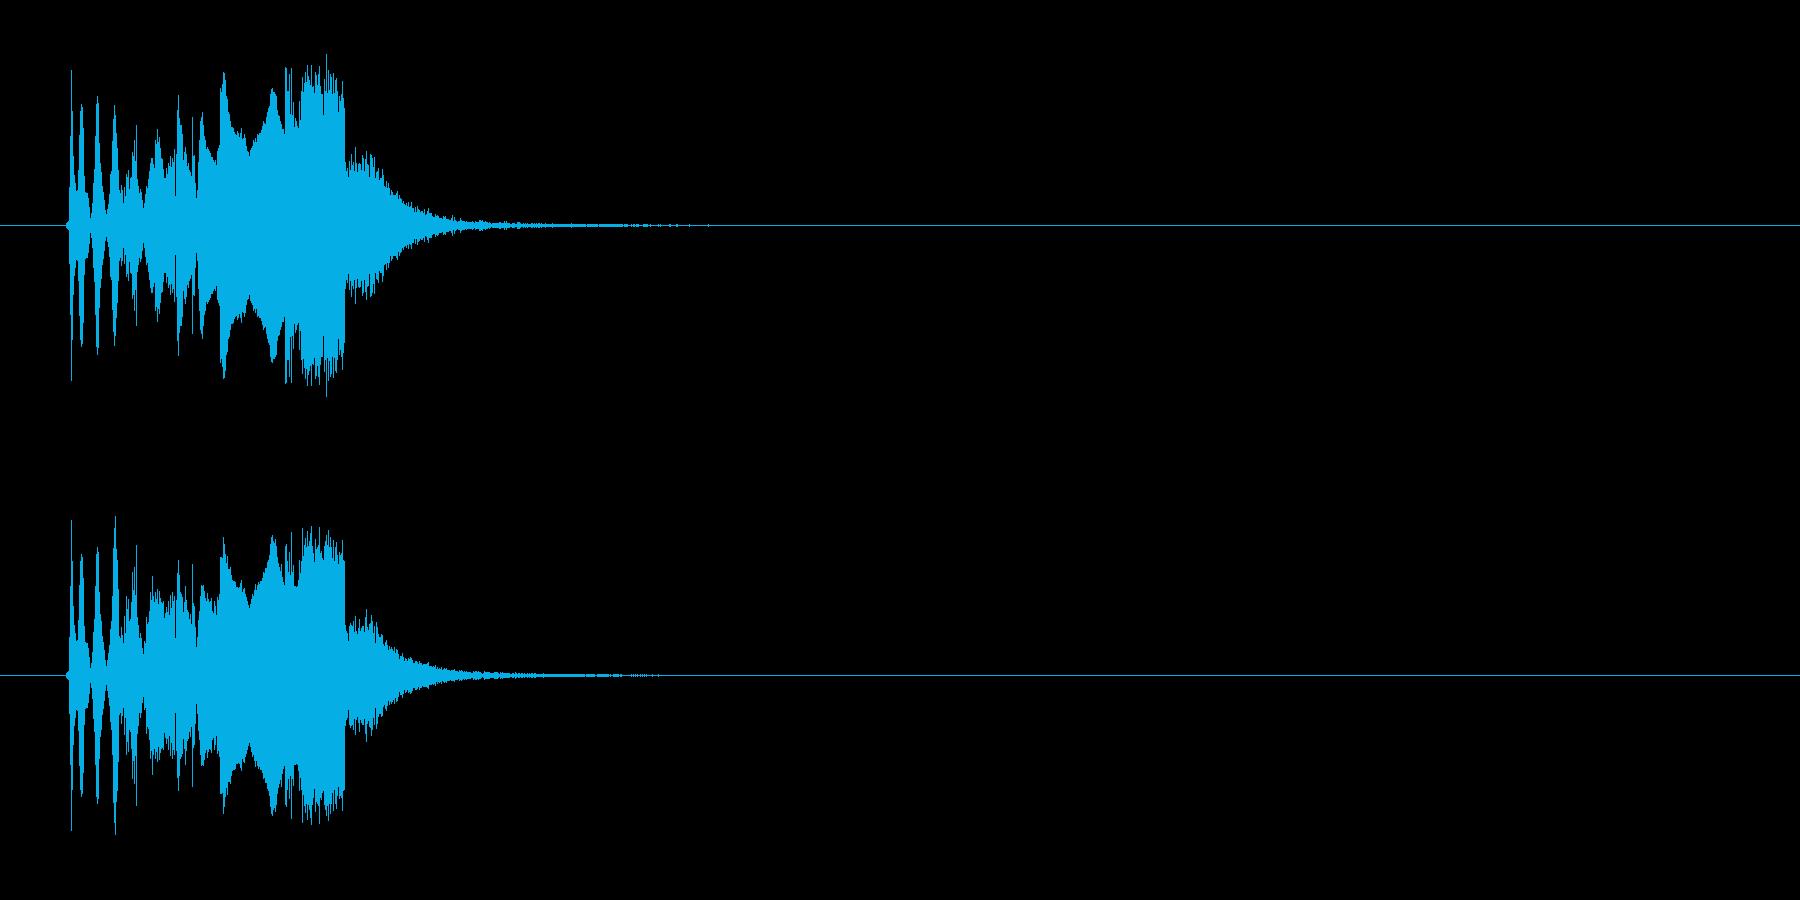 ピピピッシュンシュローン(終了音)の再生済みの波形